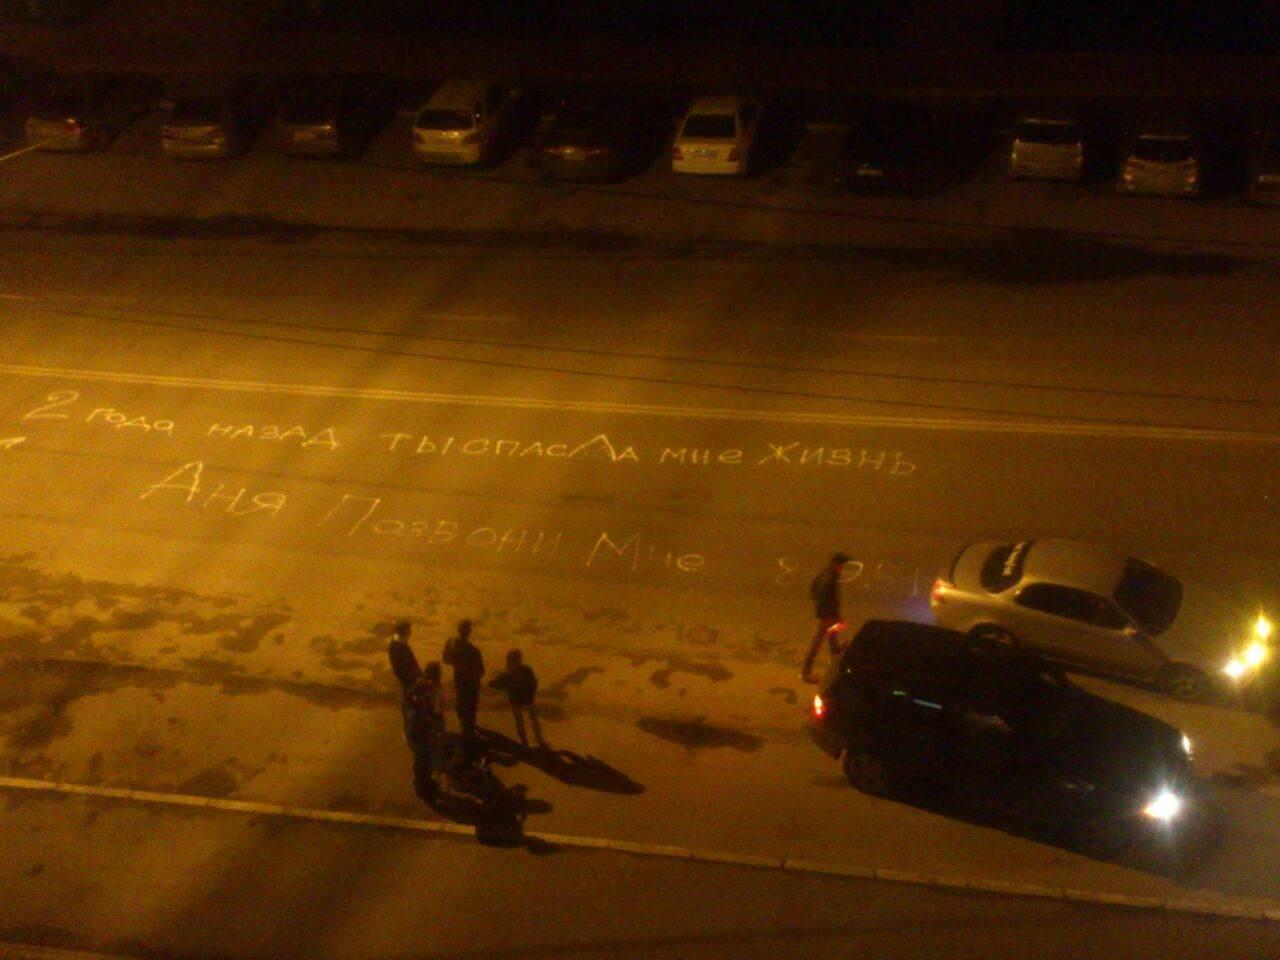 ФОТО-ВИДЕОФАКТ: Надпись на асфальте в два года и 10 метров появилась в Бердске